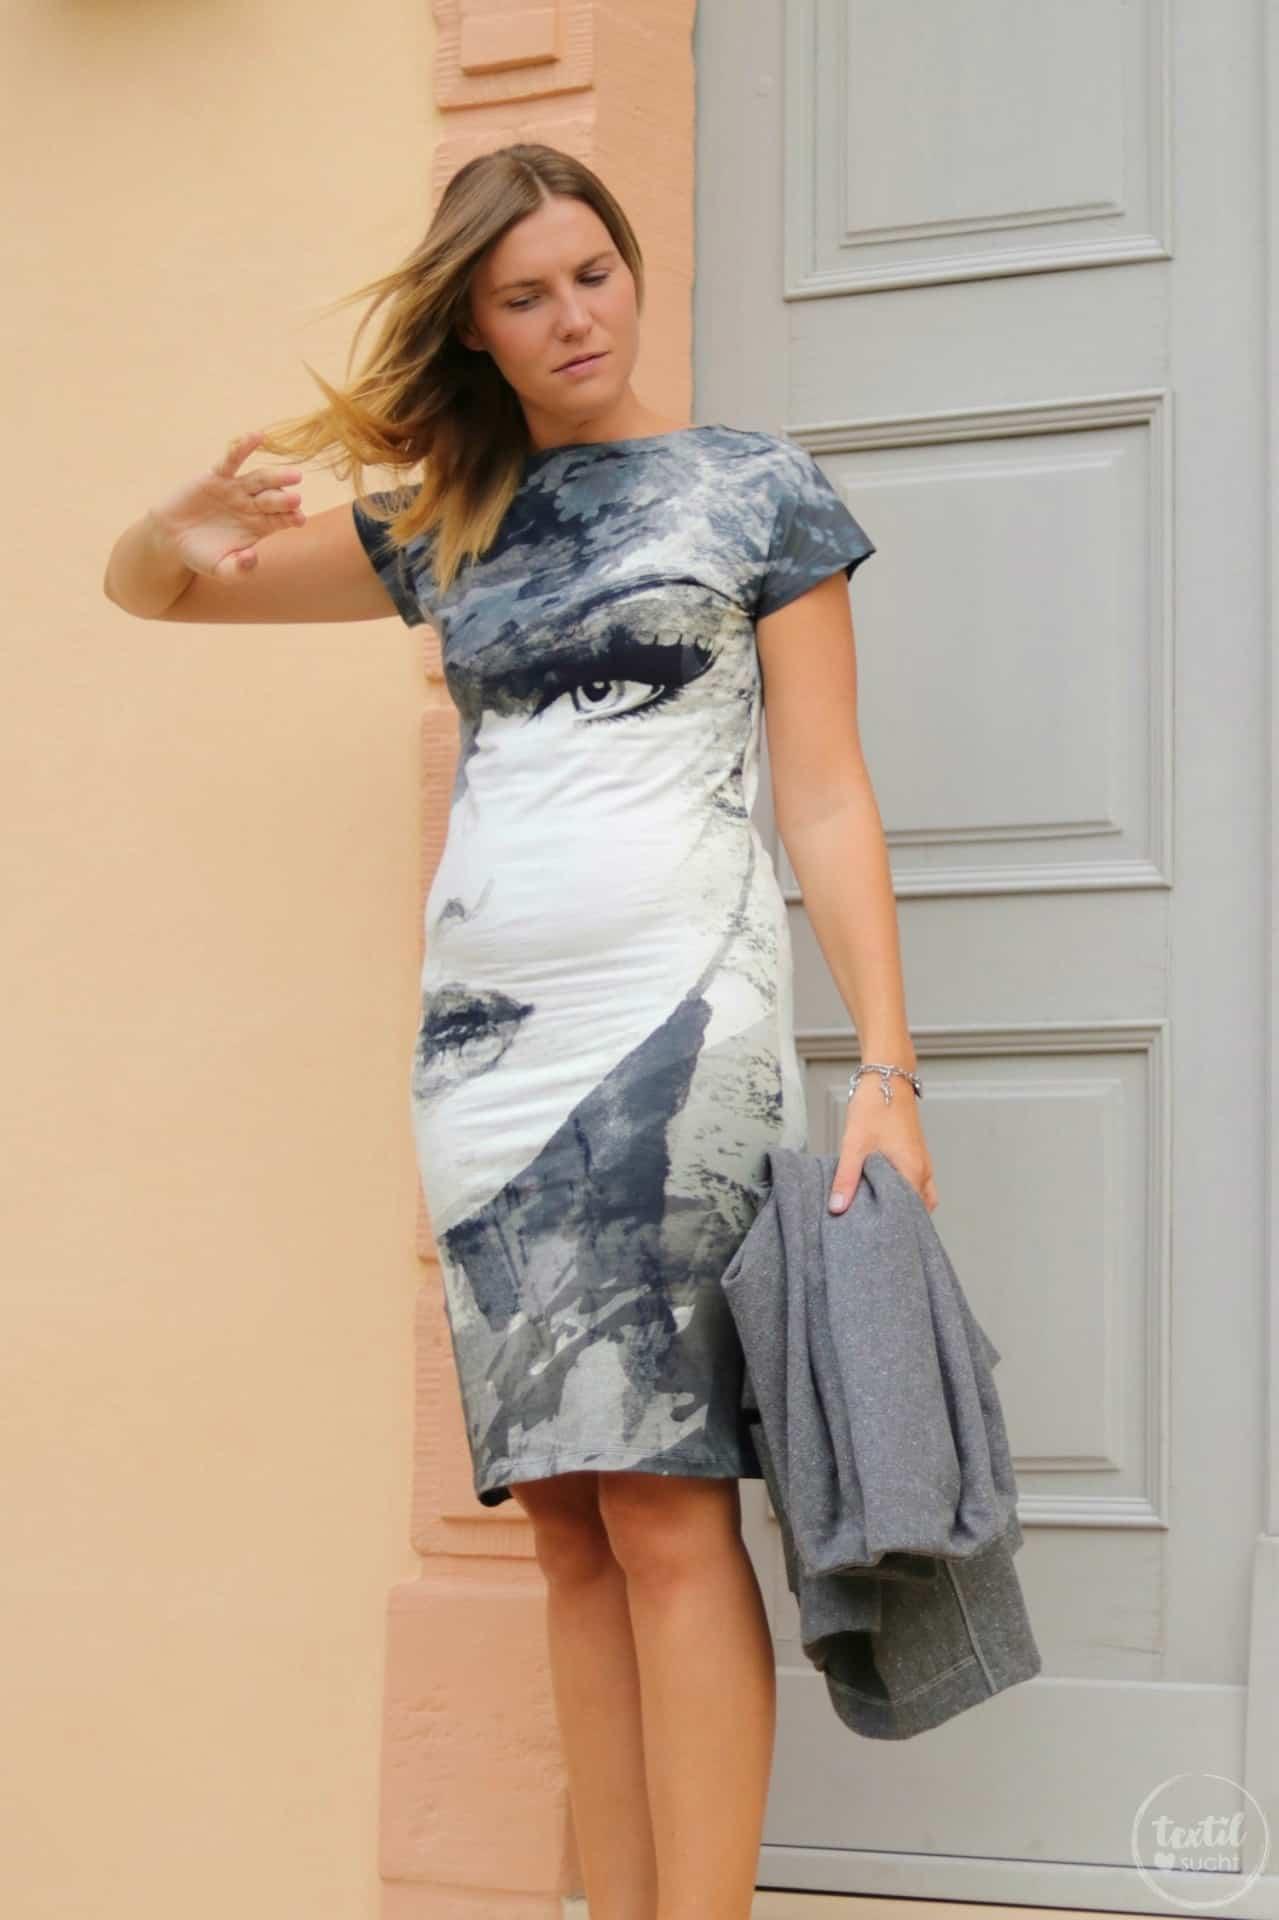 Falsche Selbsteinschätzung, eine kleine Erleuchtung und mein neues Kleid - Bild 2 | textilsucht®